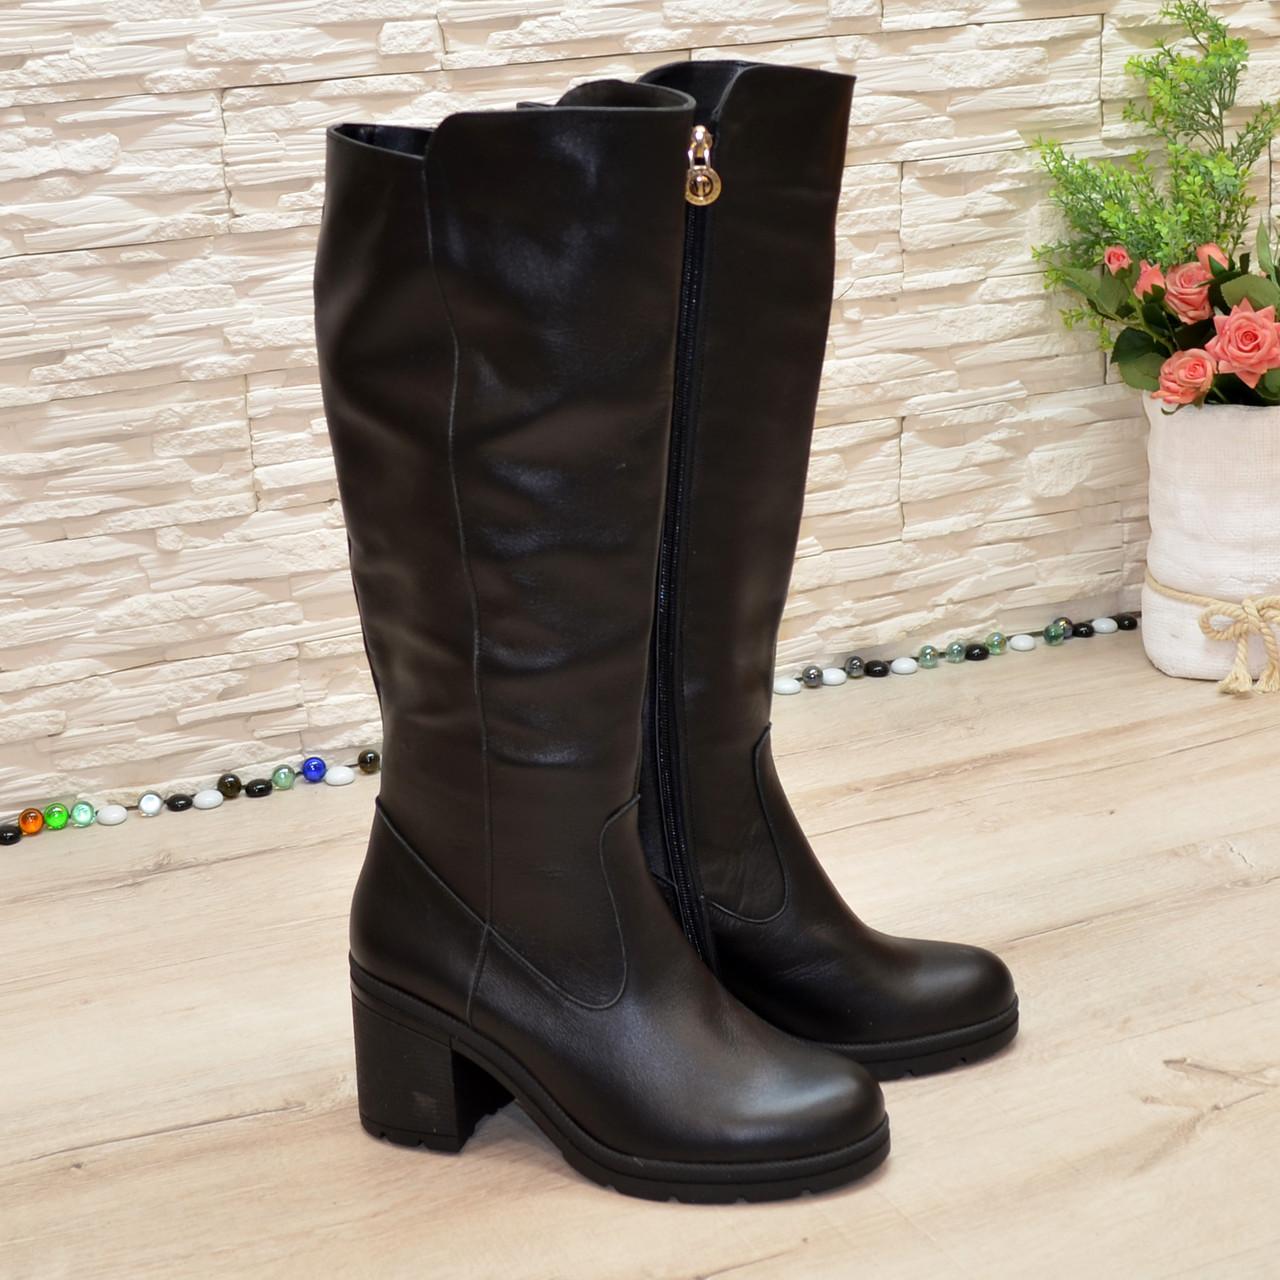 Сапоги кожаные зимние женские на устойчивом каблуке